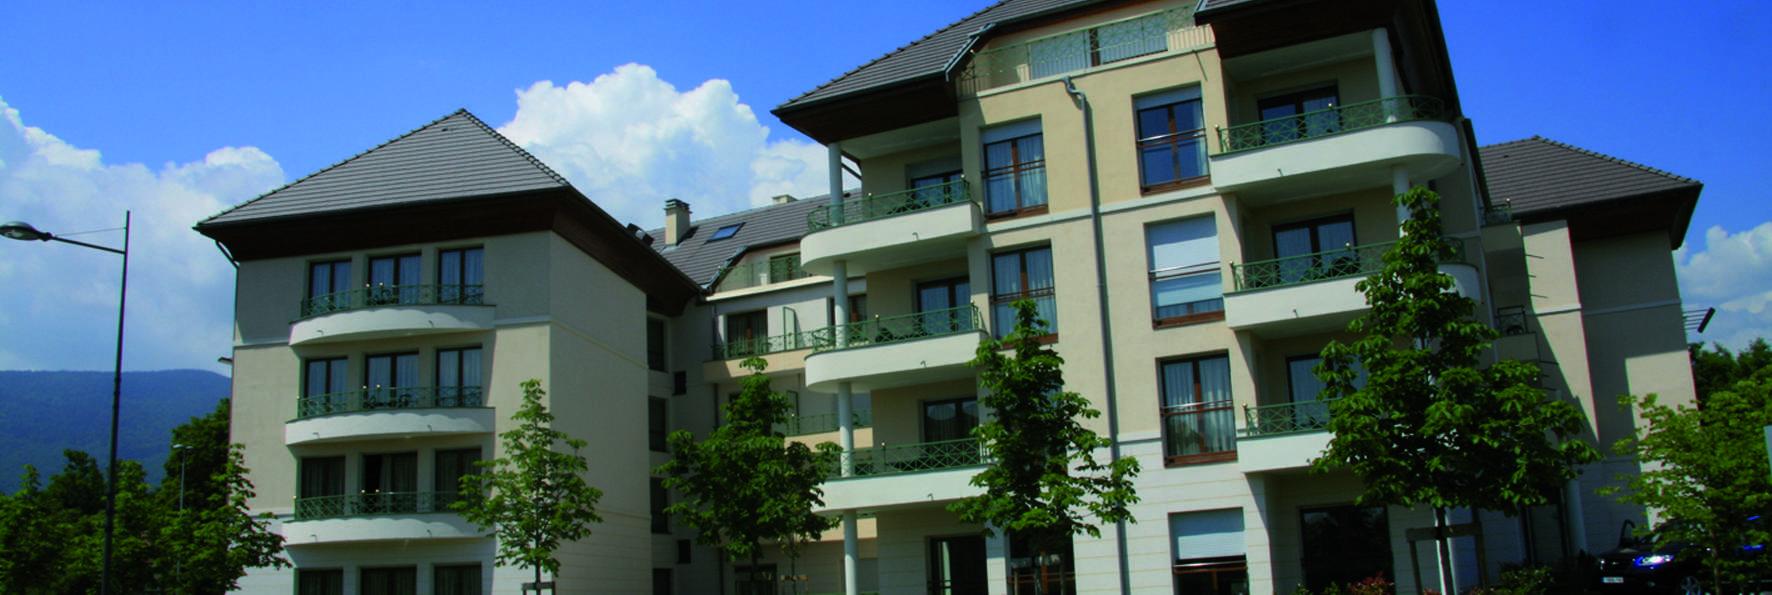 Zenitude Hôtel-Résidences Divonne Confort - Front